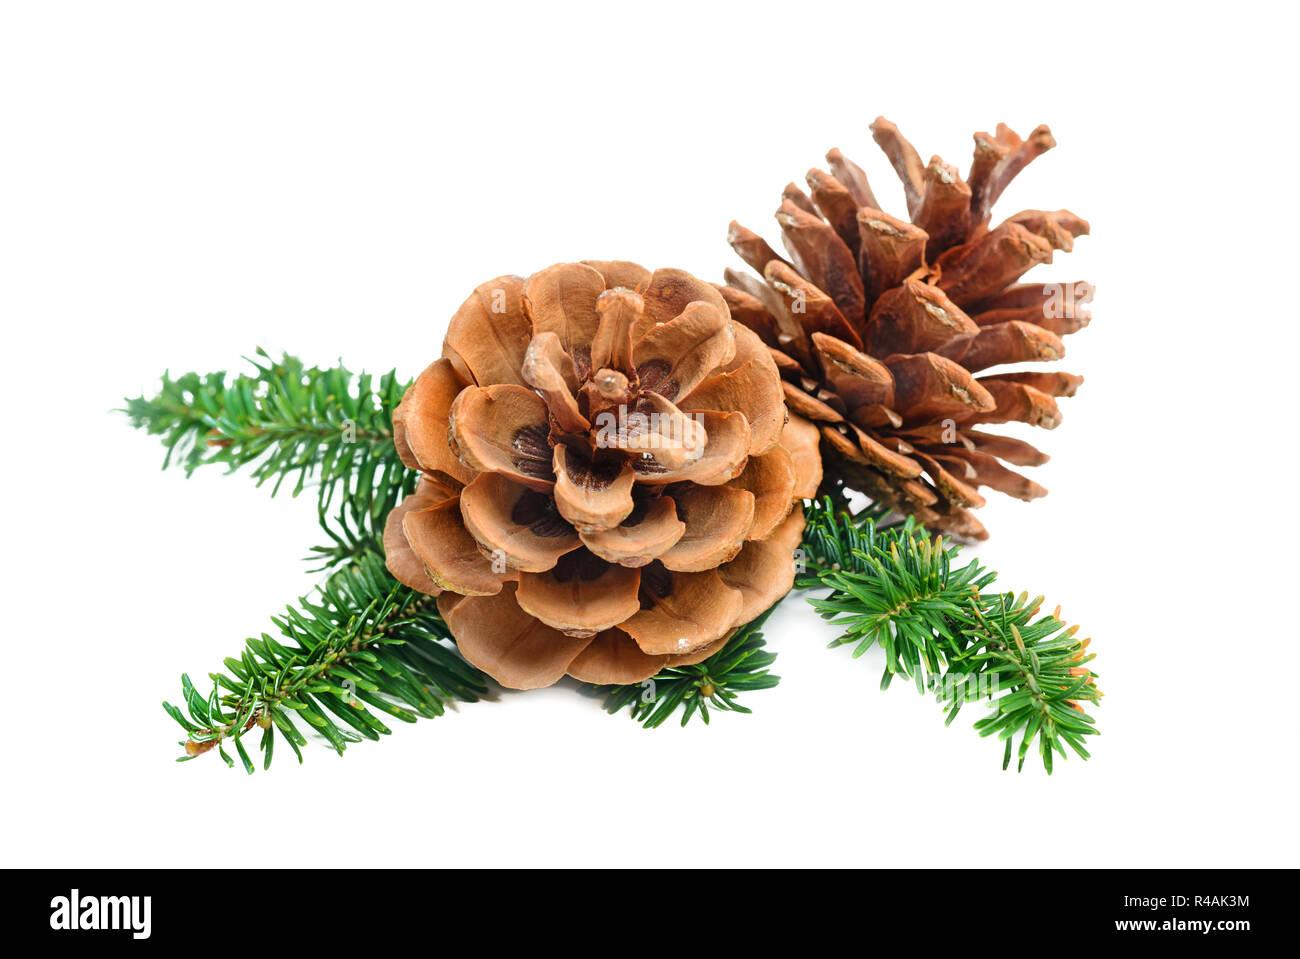 Pine Tree Branch mit Konus Weihnachten Dekoration element Stockbild